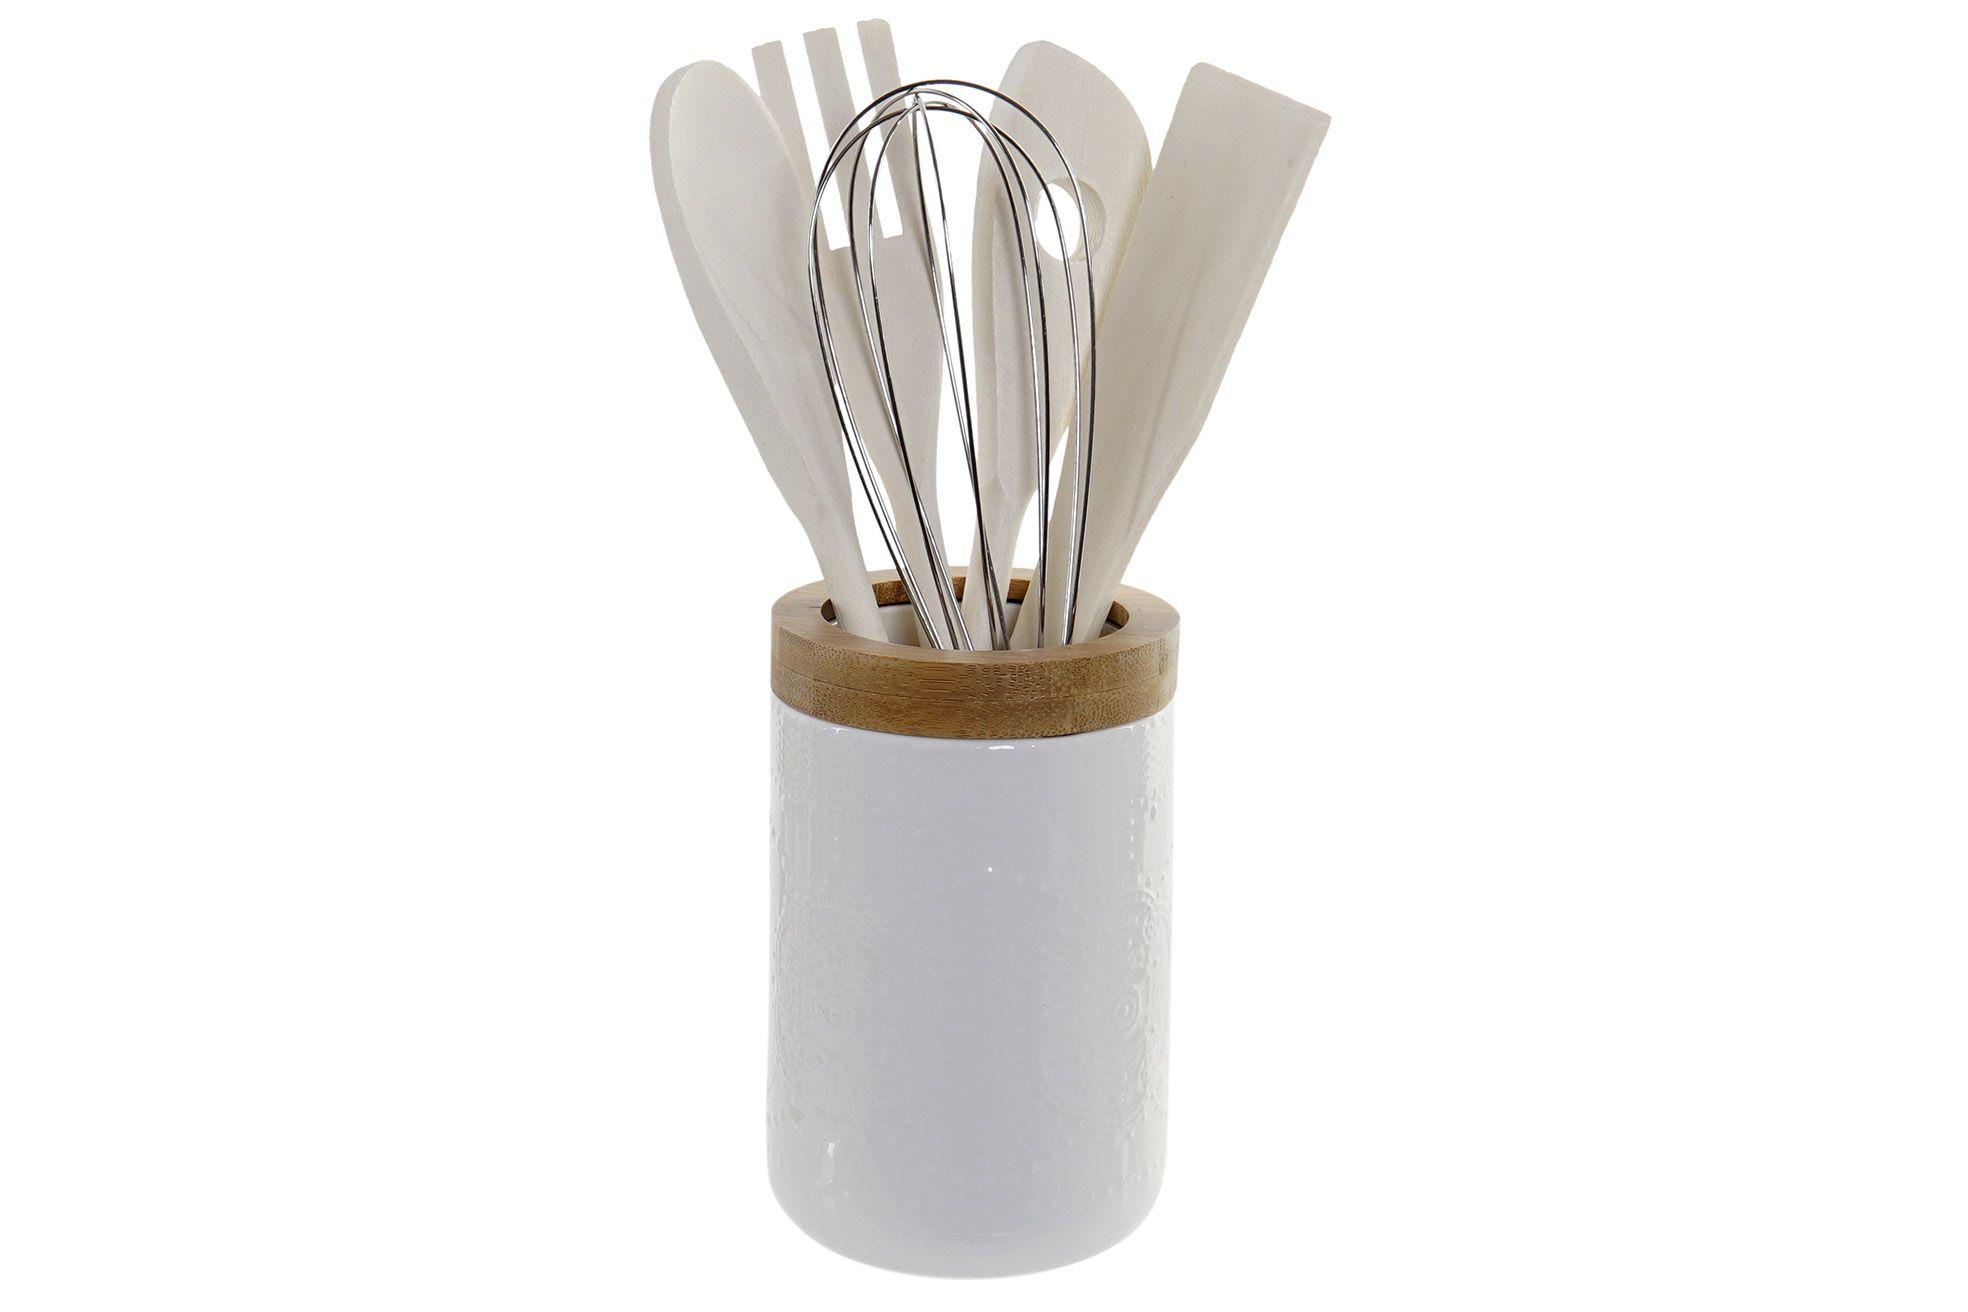 Barattolo con utensili art LC-165153 legno e ceramica diam9x13h €17